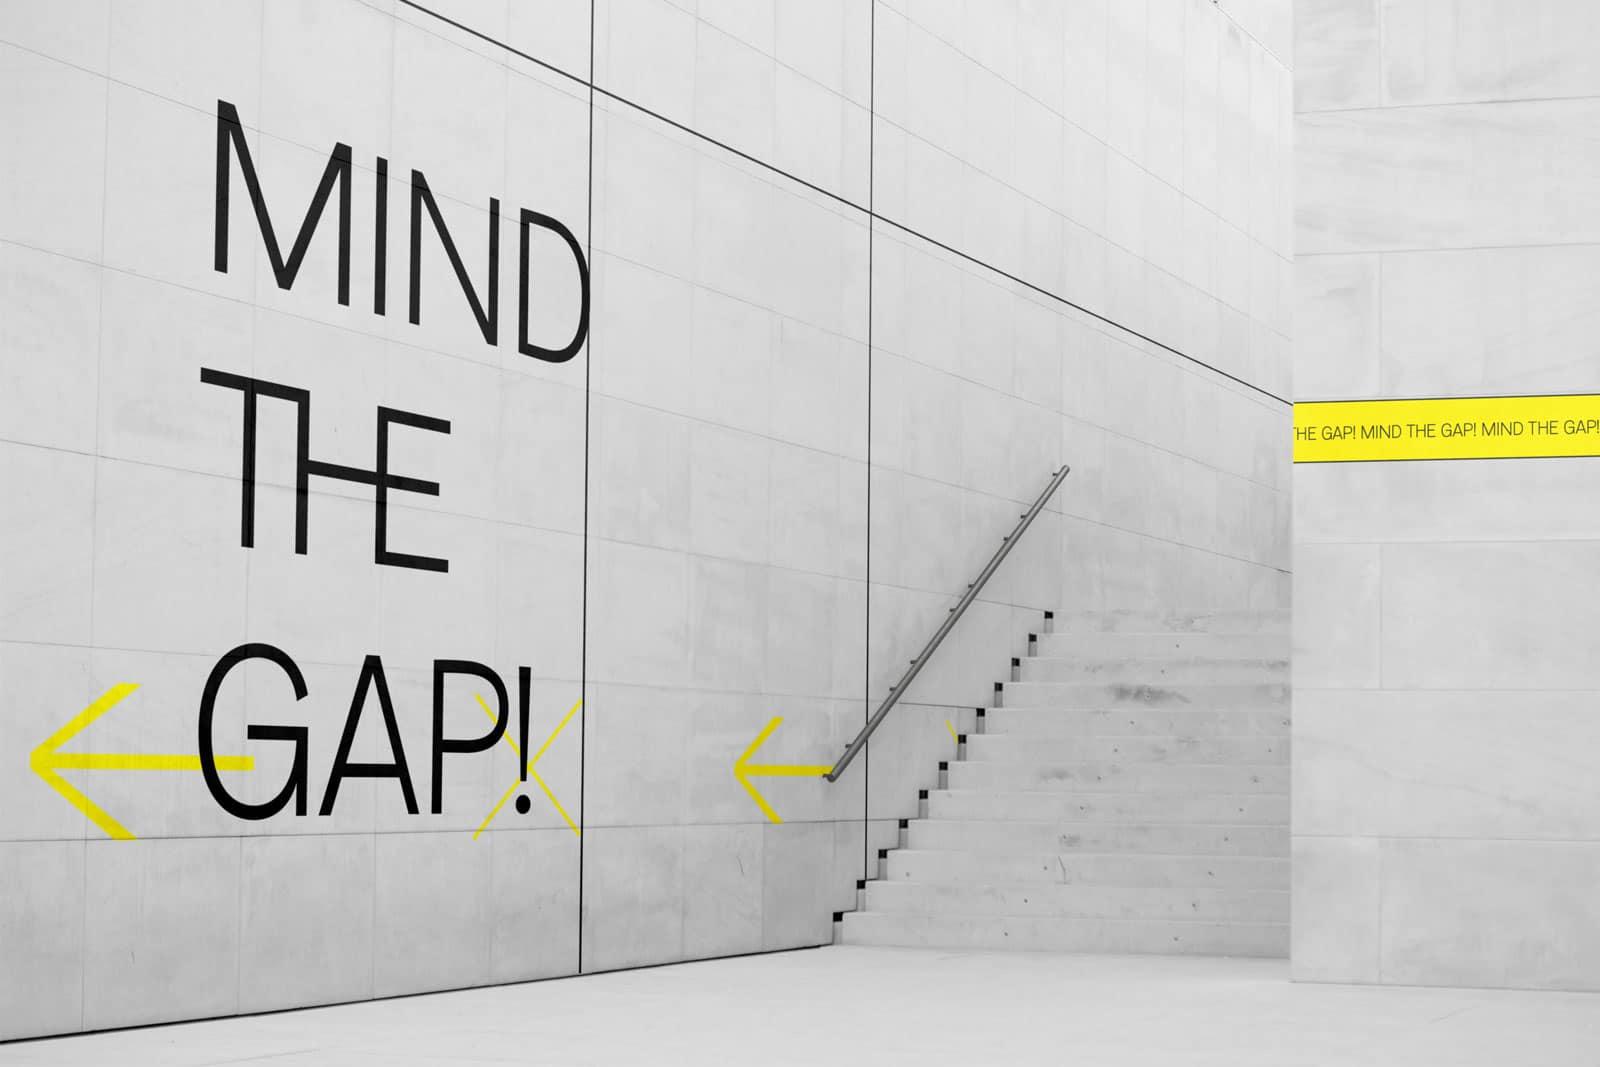 Entwurf Design Wandgestaltung für die Ausstellung